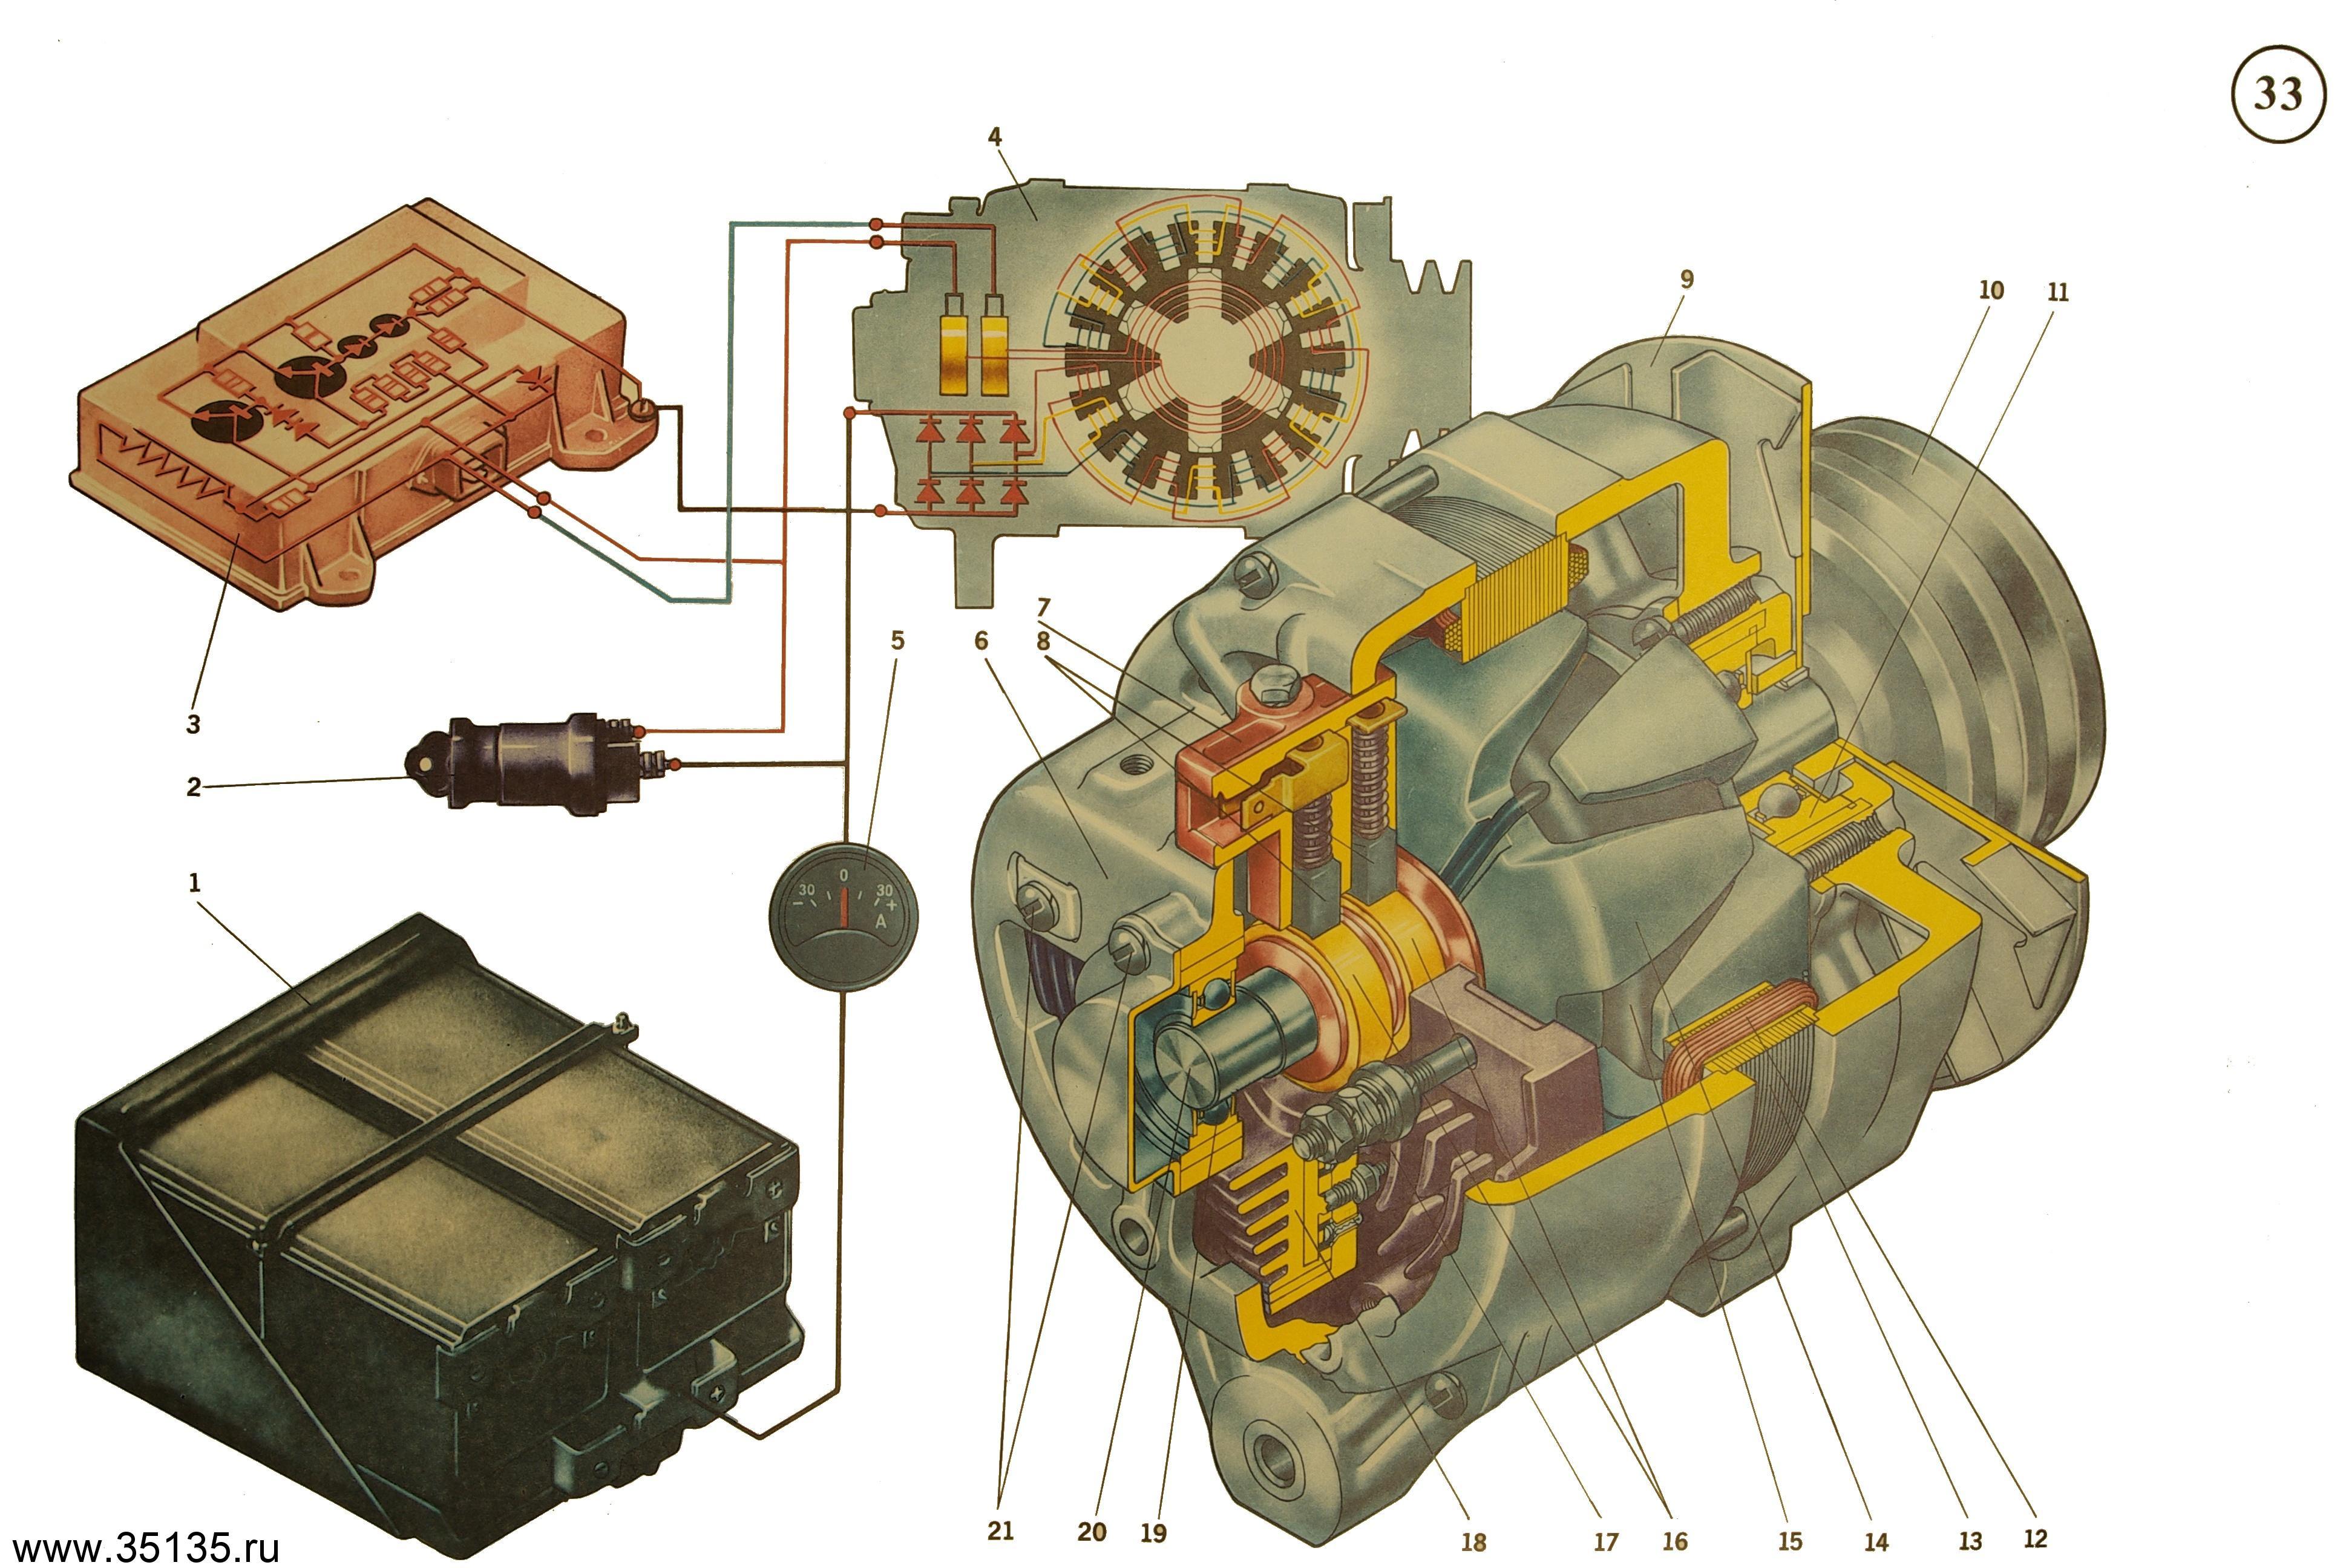 Генератор камаз схема подсоединения